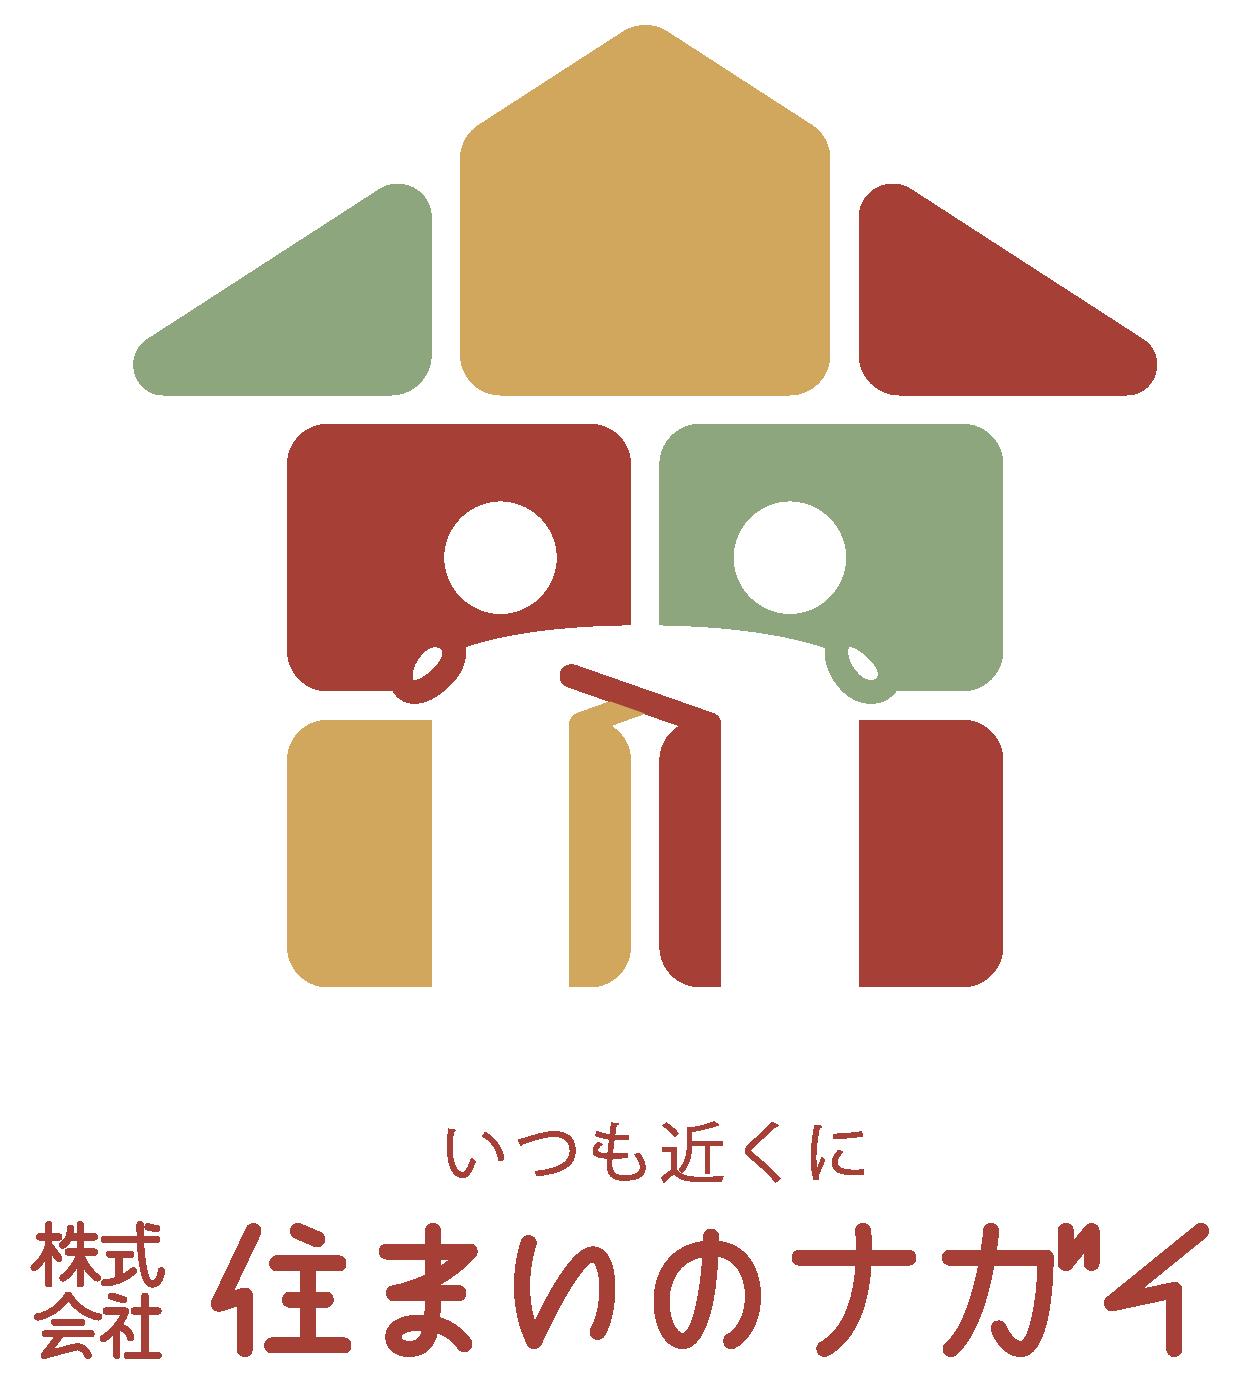 建築/建設/設備/設計/造園とイラストと茶のロゴ